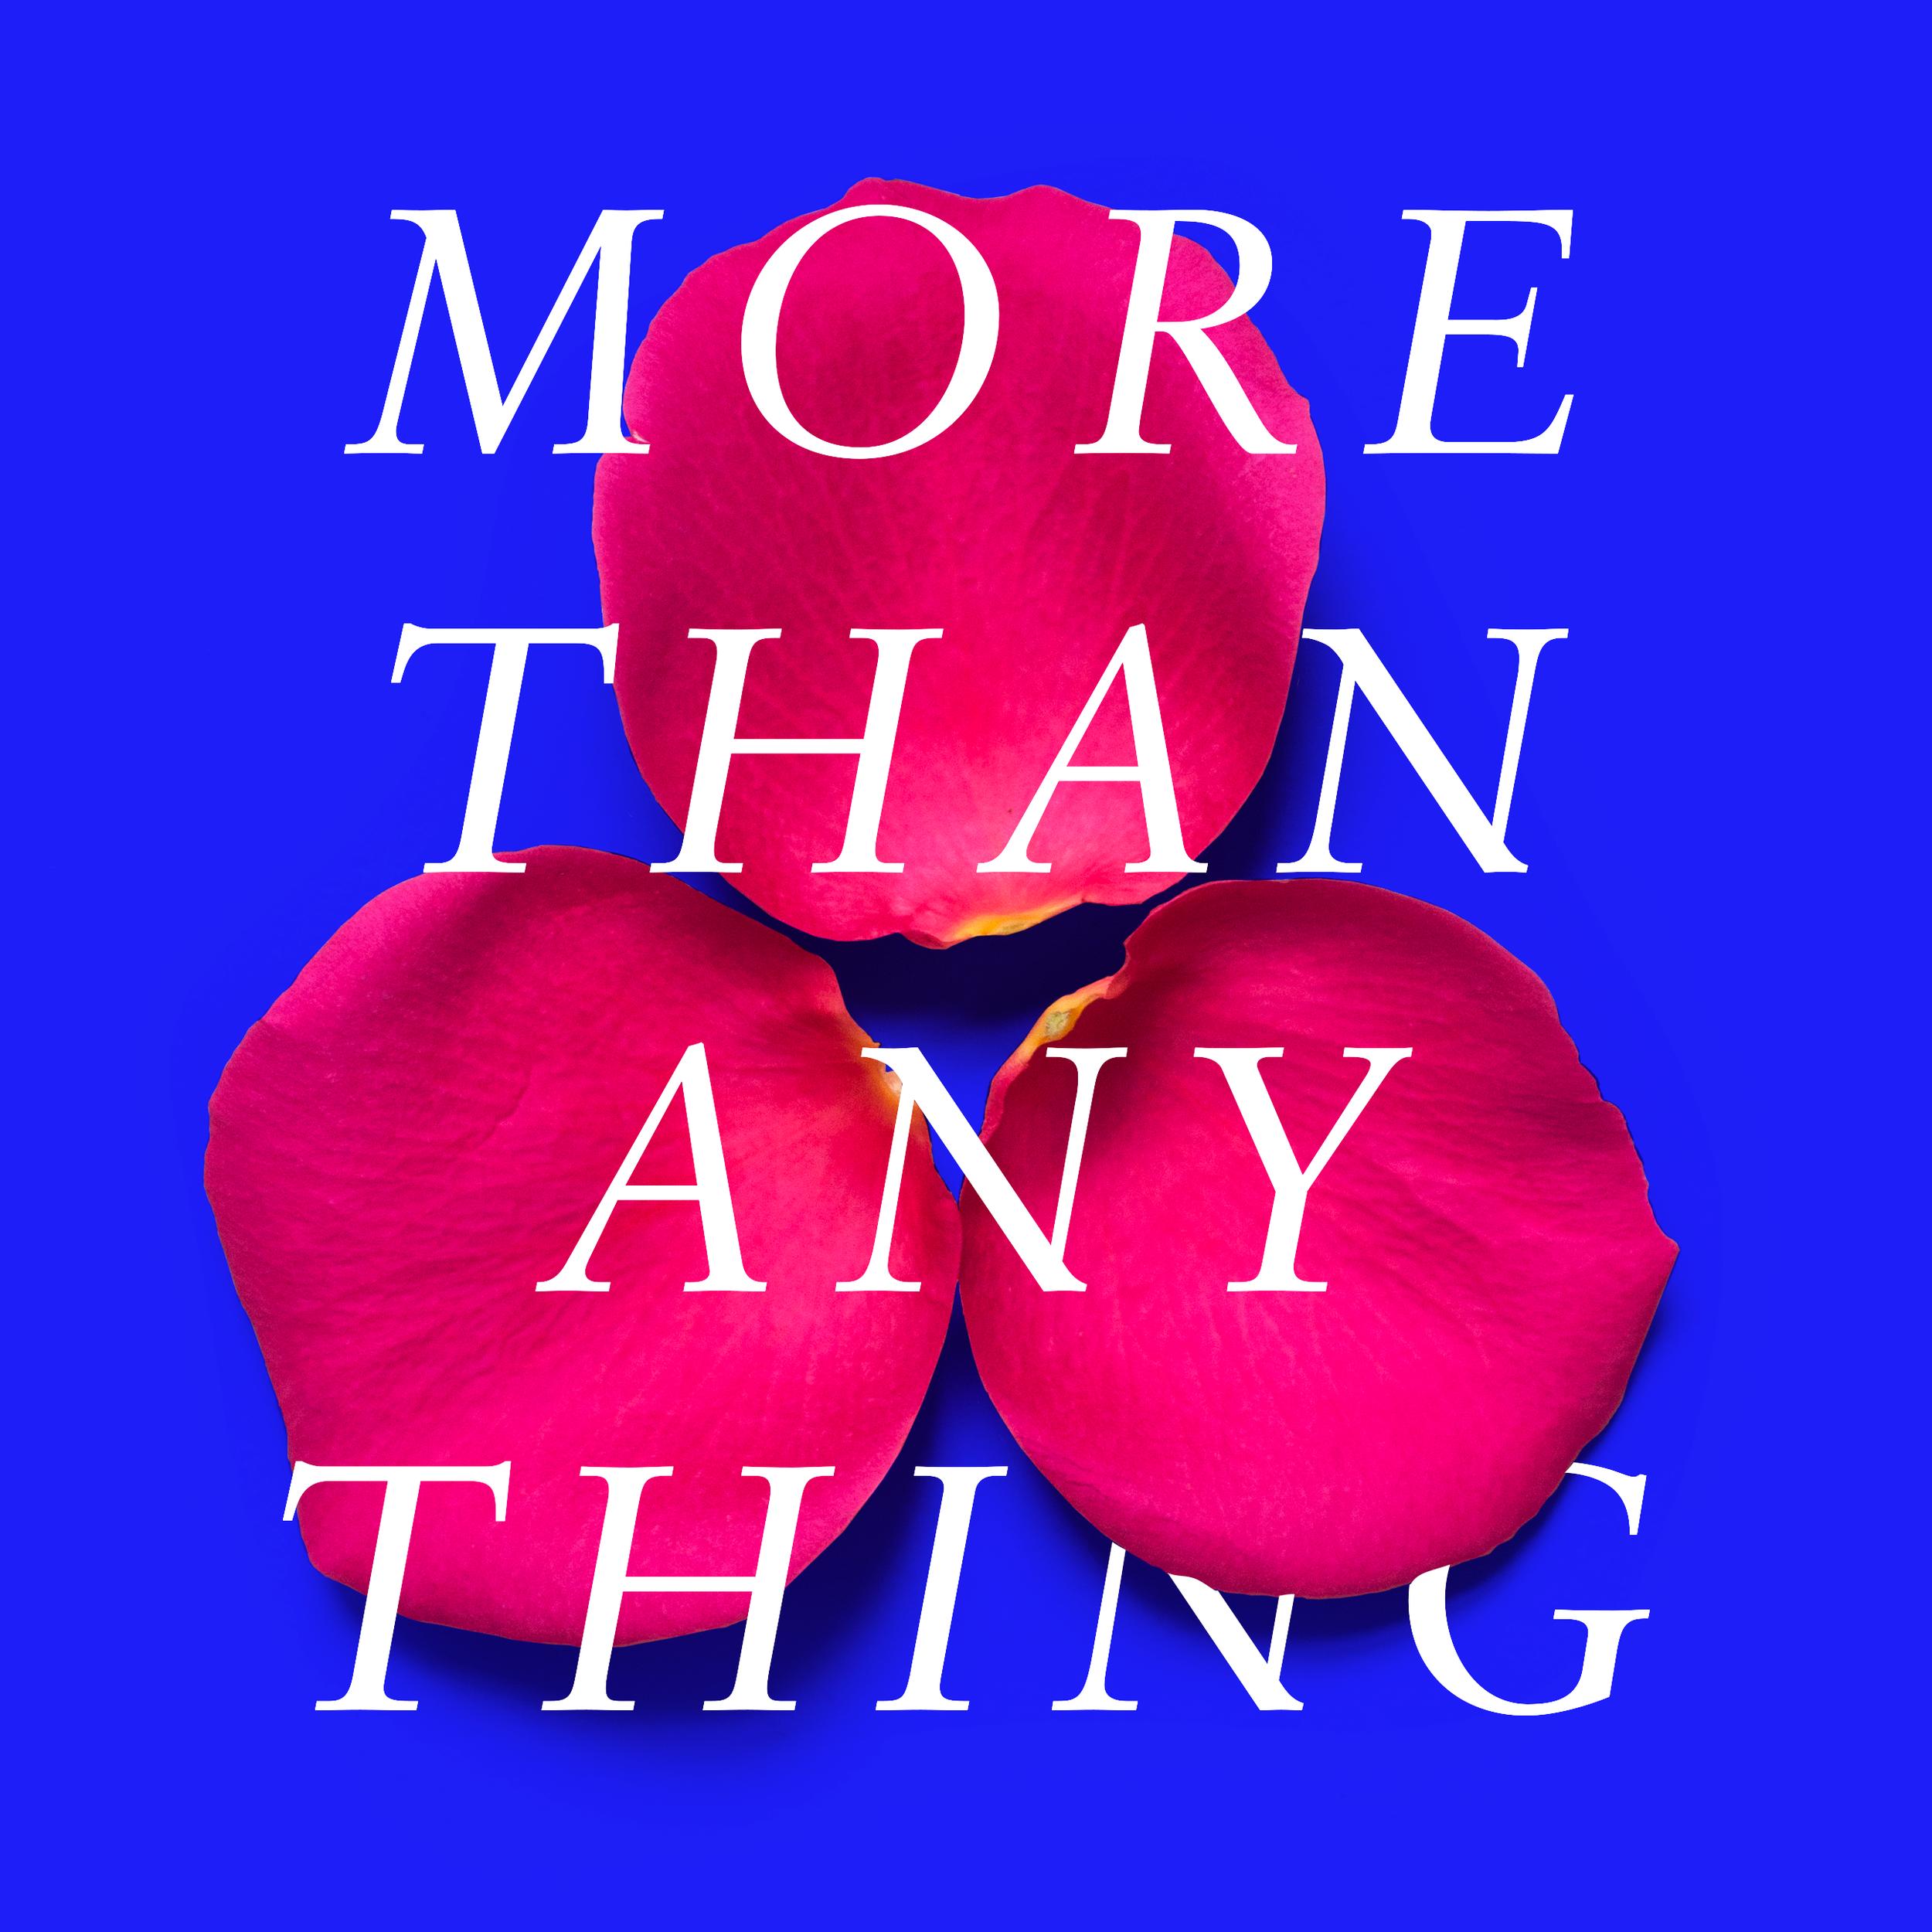 MoreThanAnything-Vineyard-Layered.png